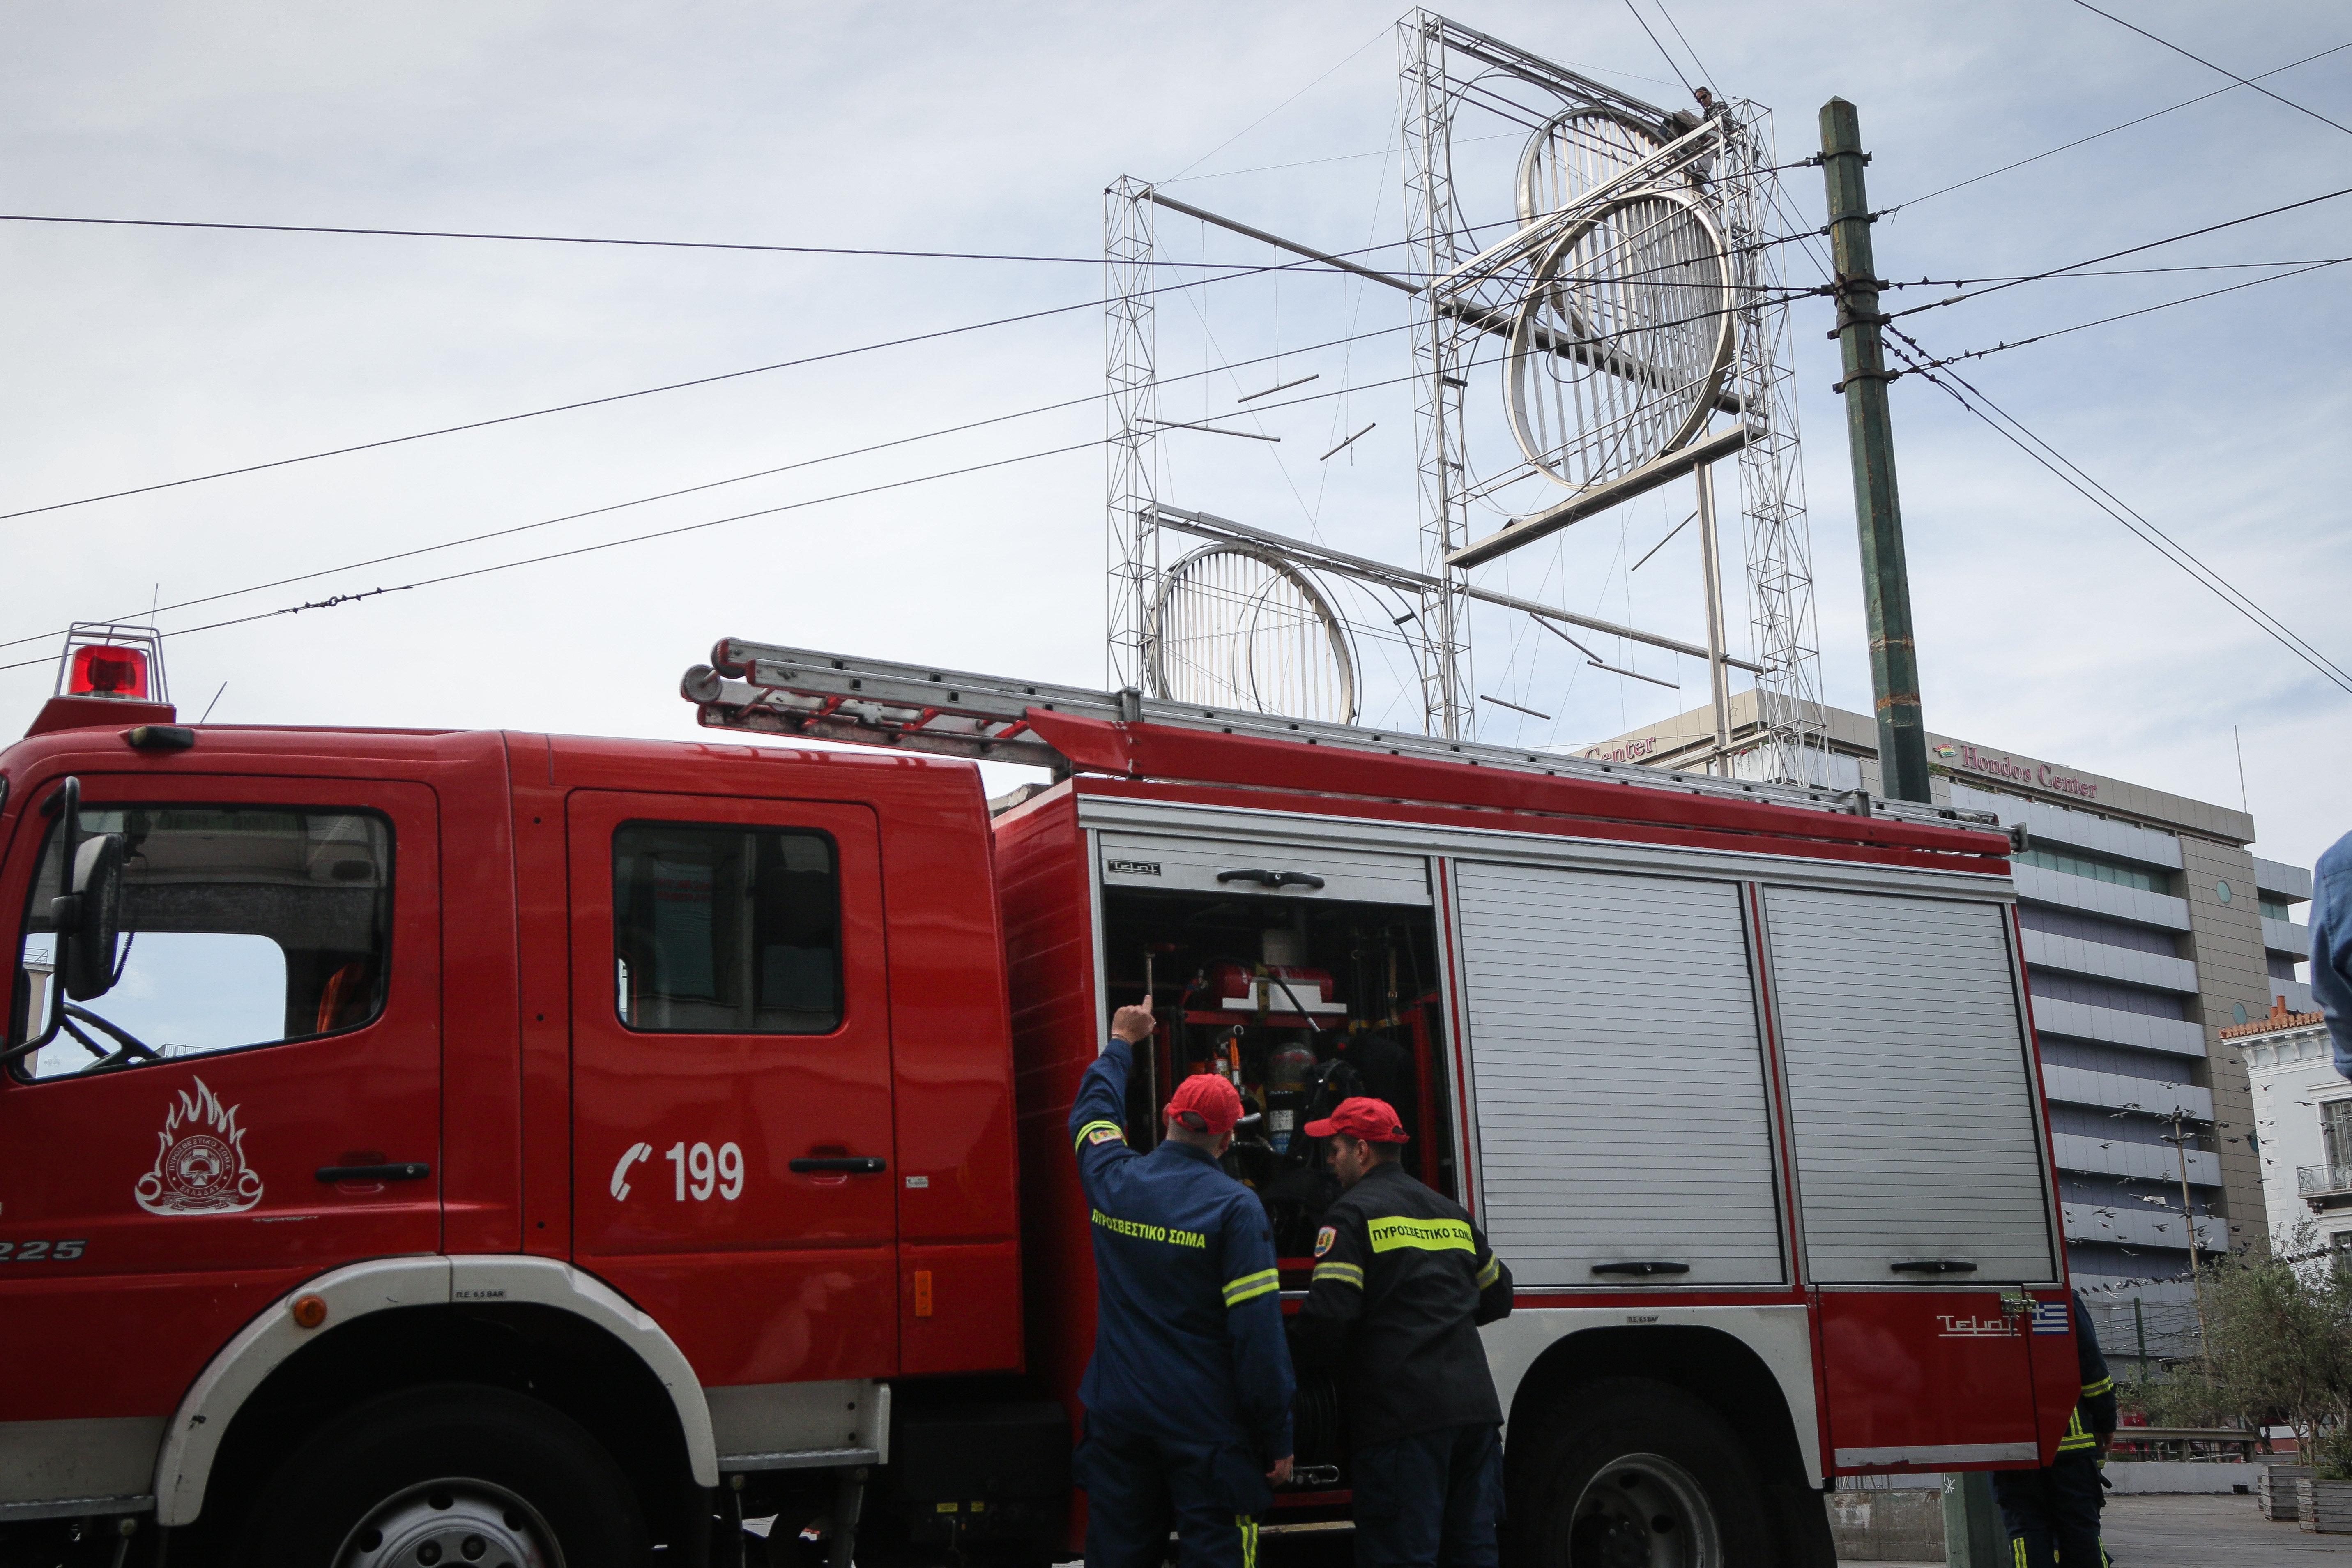 Θεσσαλονίκη: Οδηγός απανθρακώθηκε όταν το αυτοκίνητό του έπιασε φωτιά στον